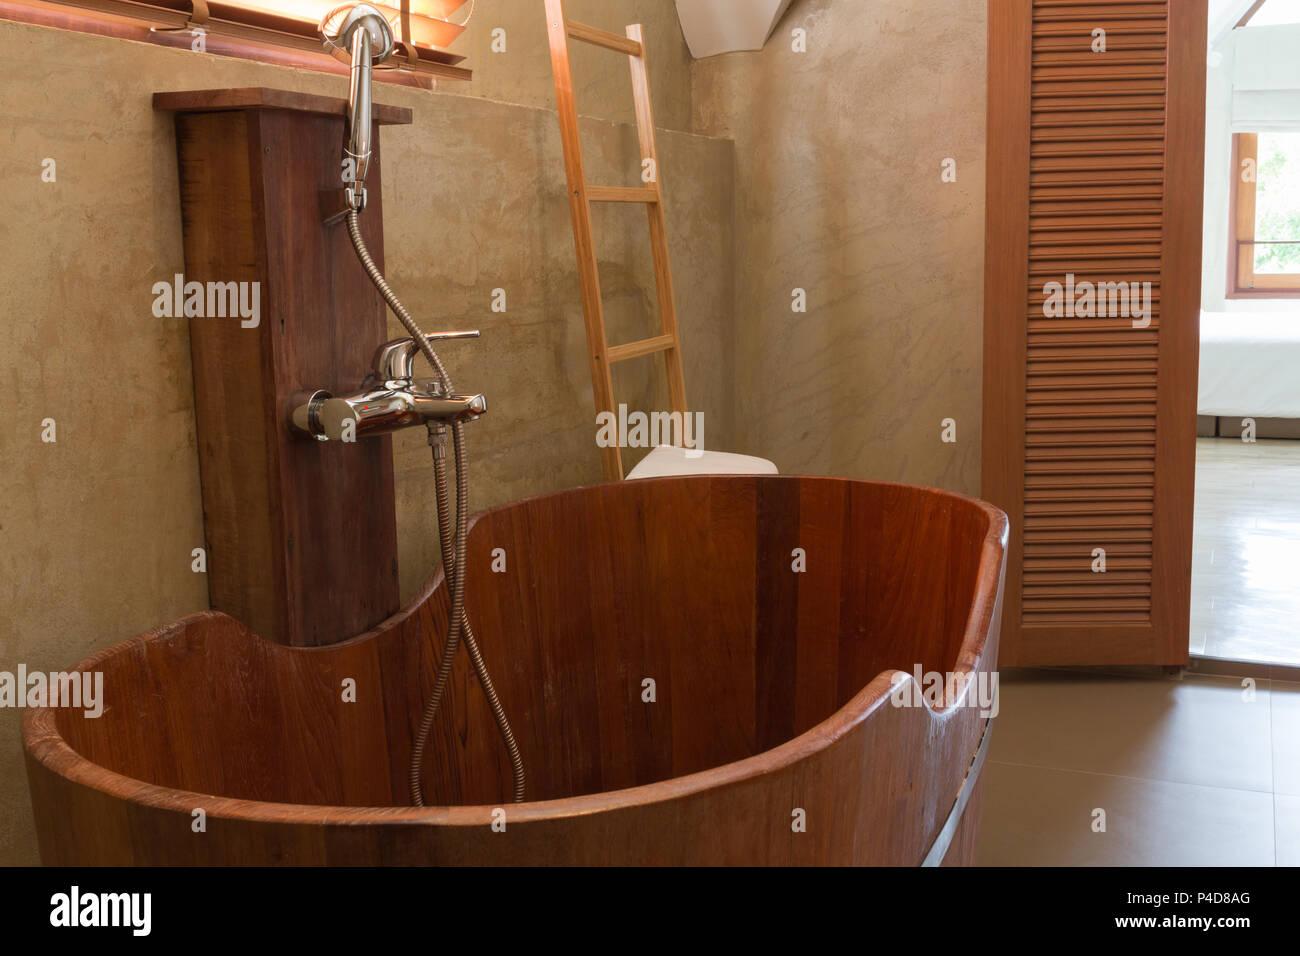 Vintage Bad Mit Badewanne Holz Auf Zement Wand Hintergrund